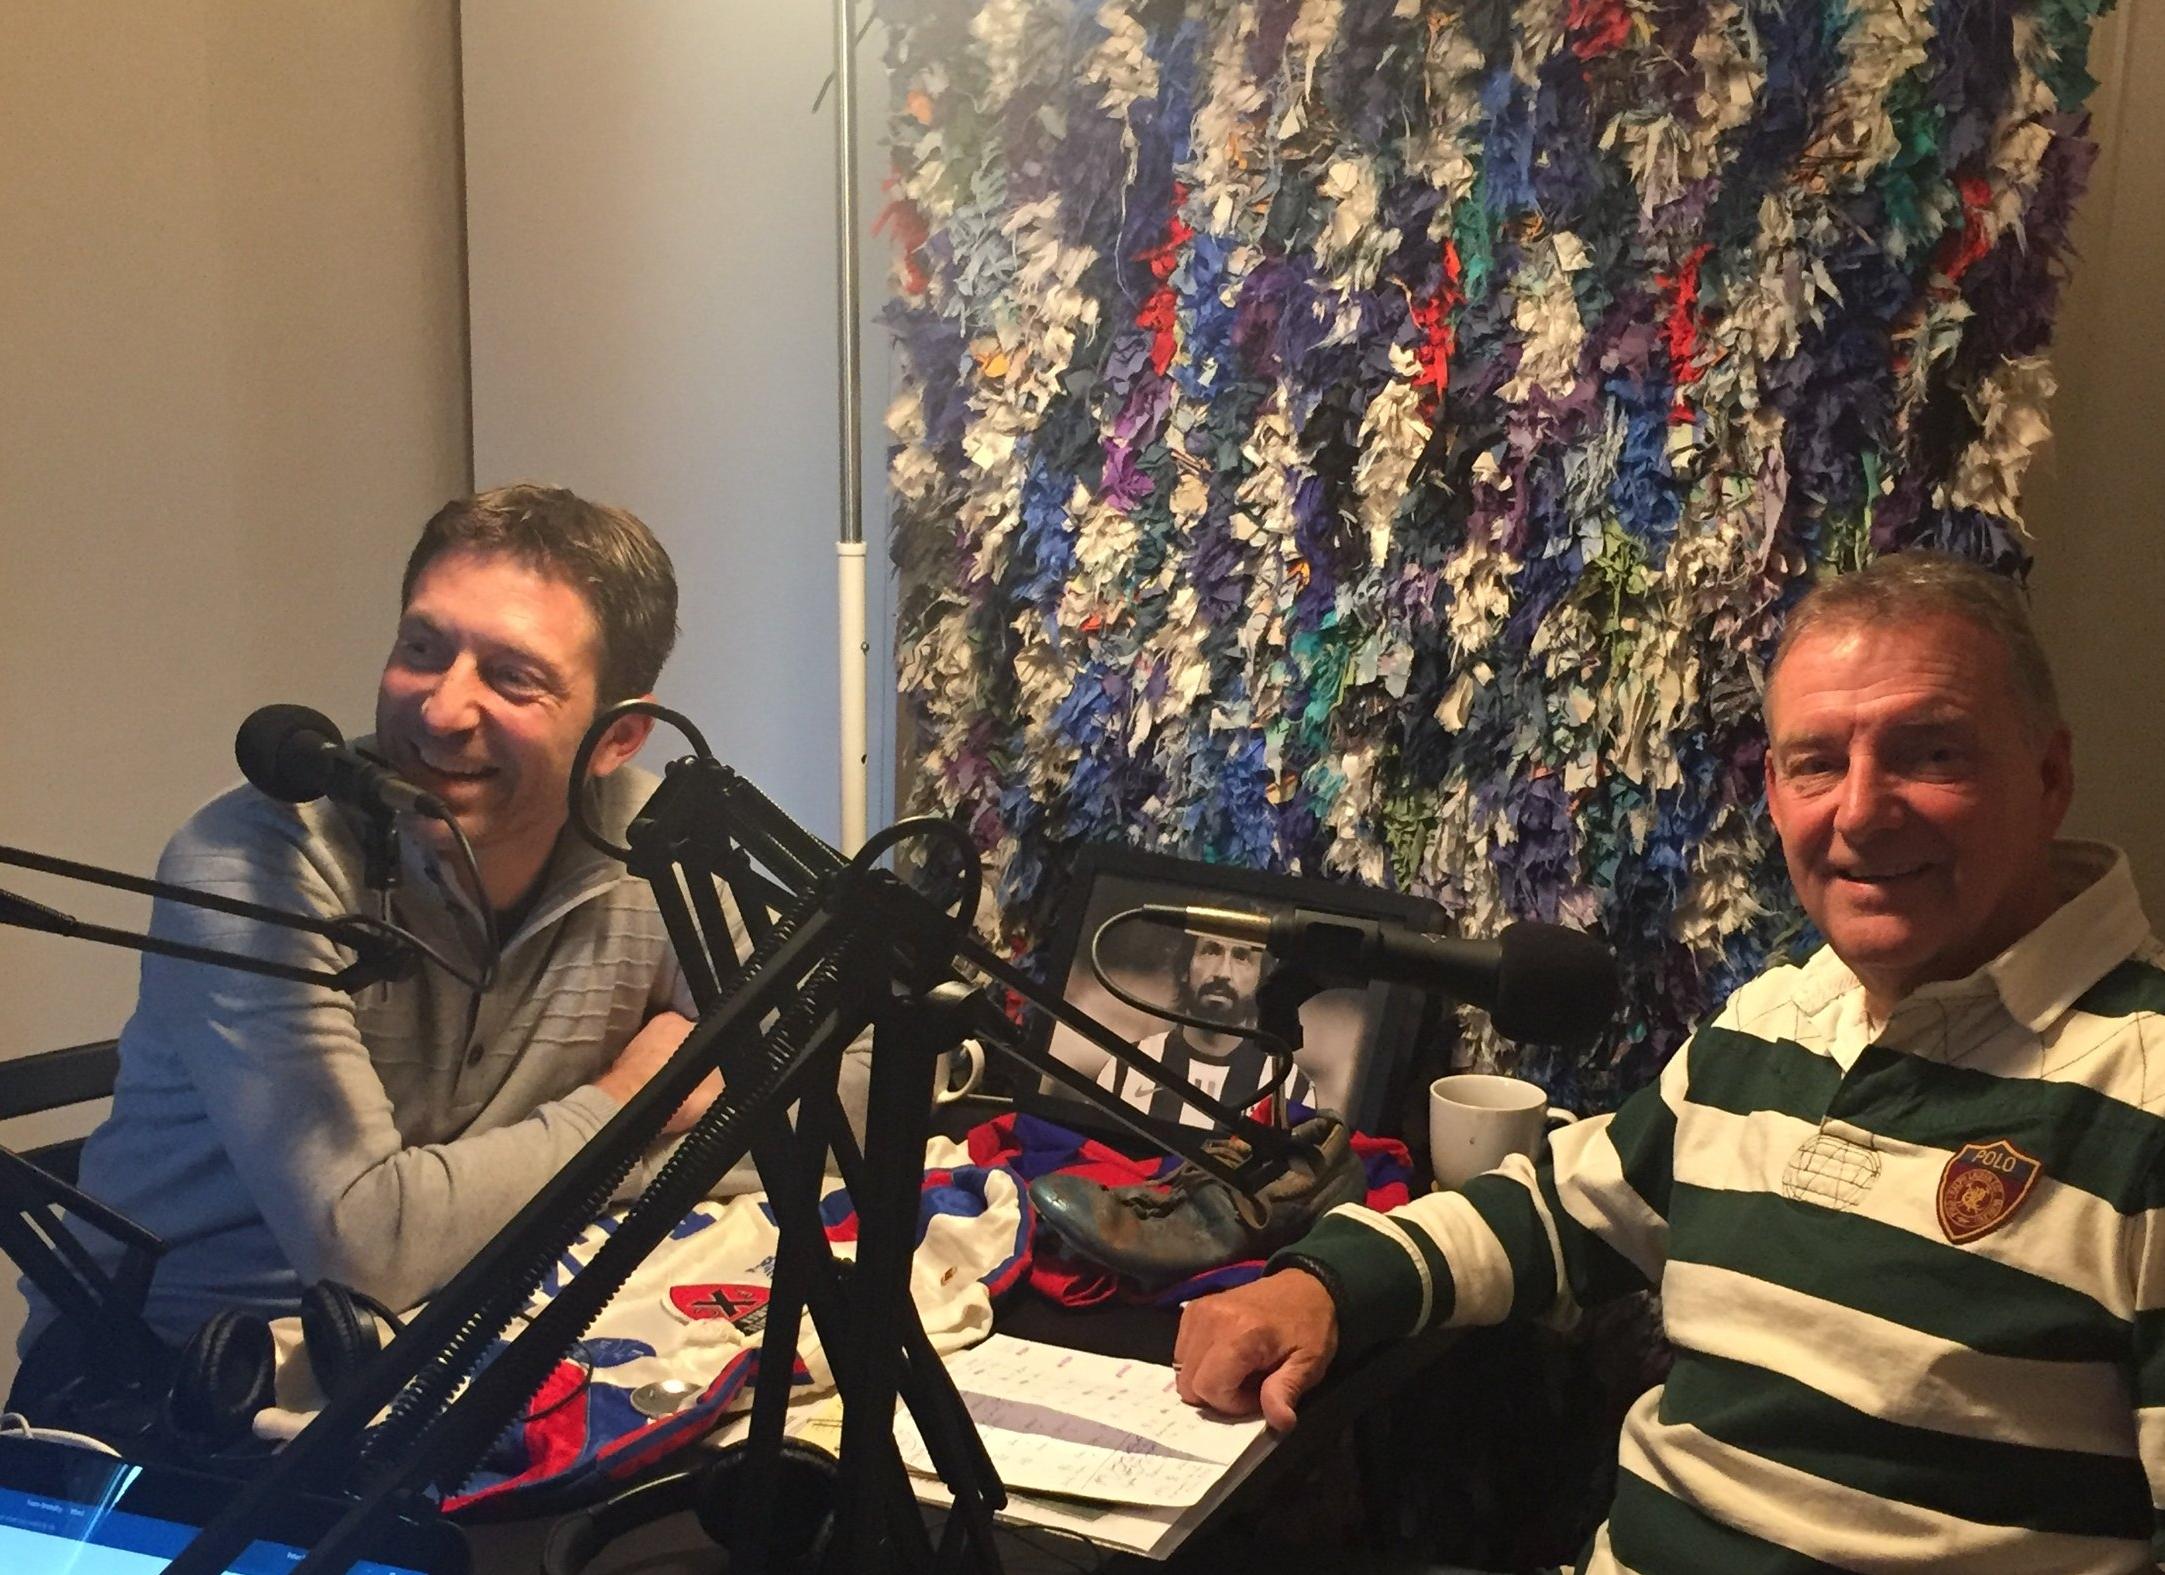 Søren Colding og Ole Mørk i Mediano-studiet - bemærk Andrea Pirlo som altid i baggrunden